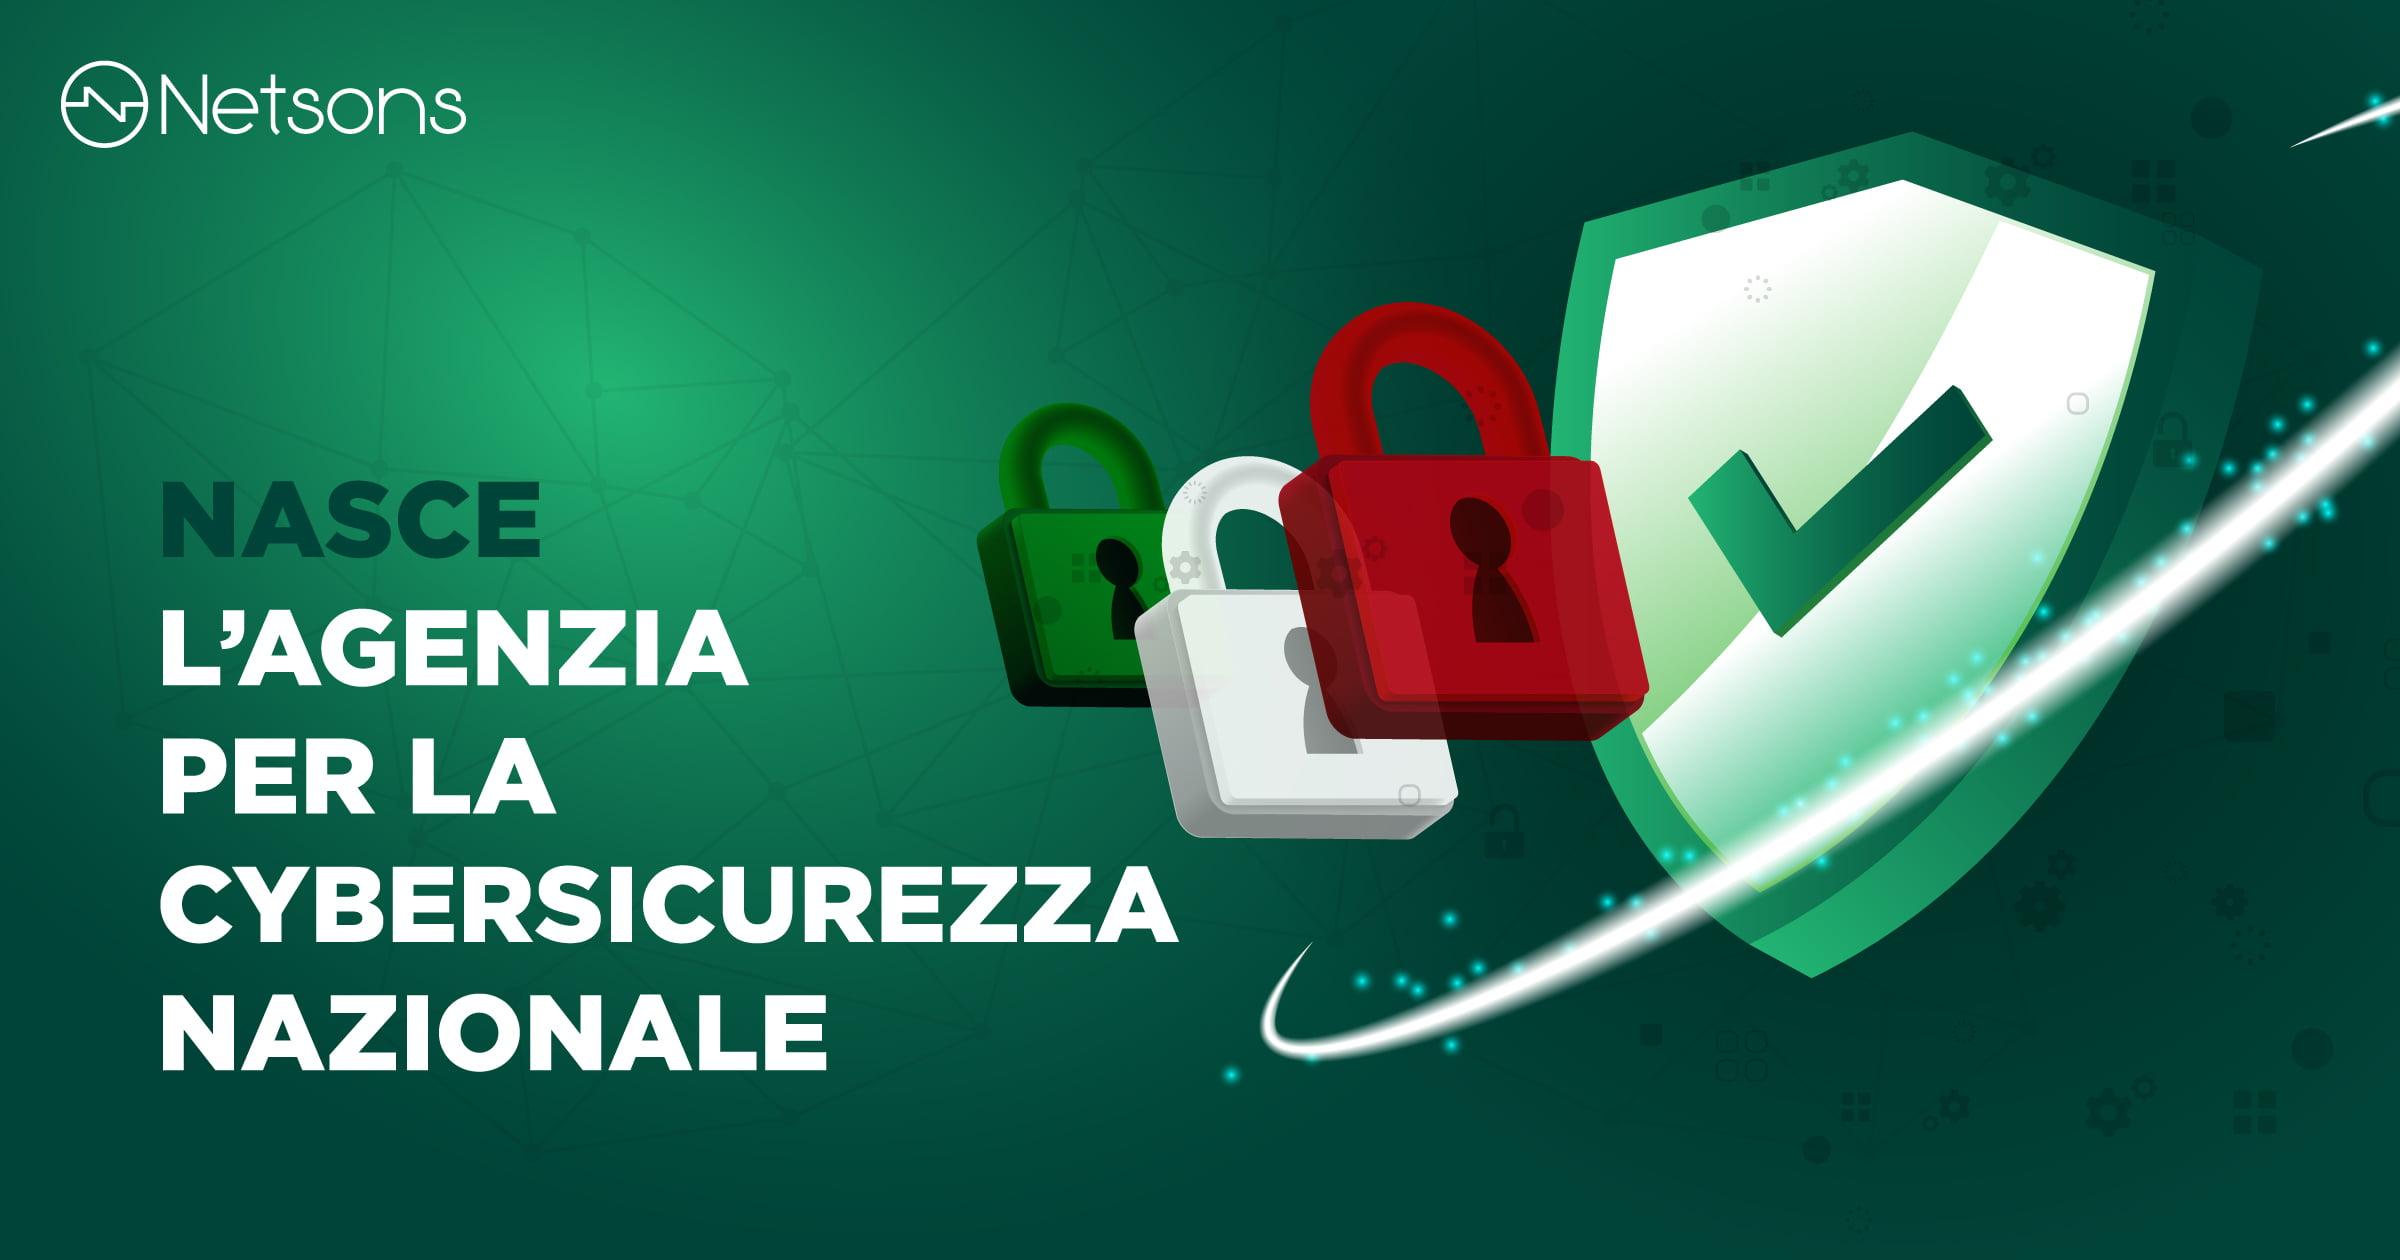 Transizione digitale Italia: nasce l'Agenzia per la cybersicurezza nazionale